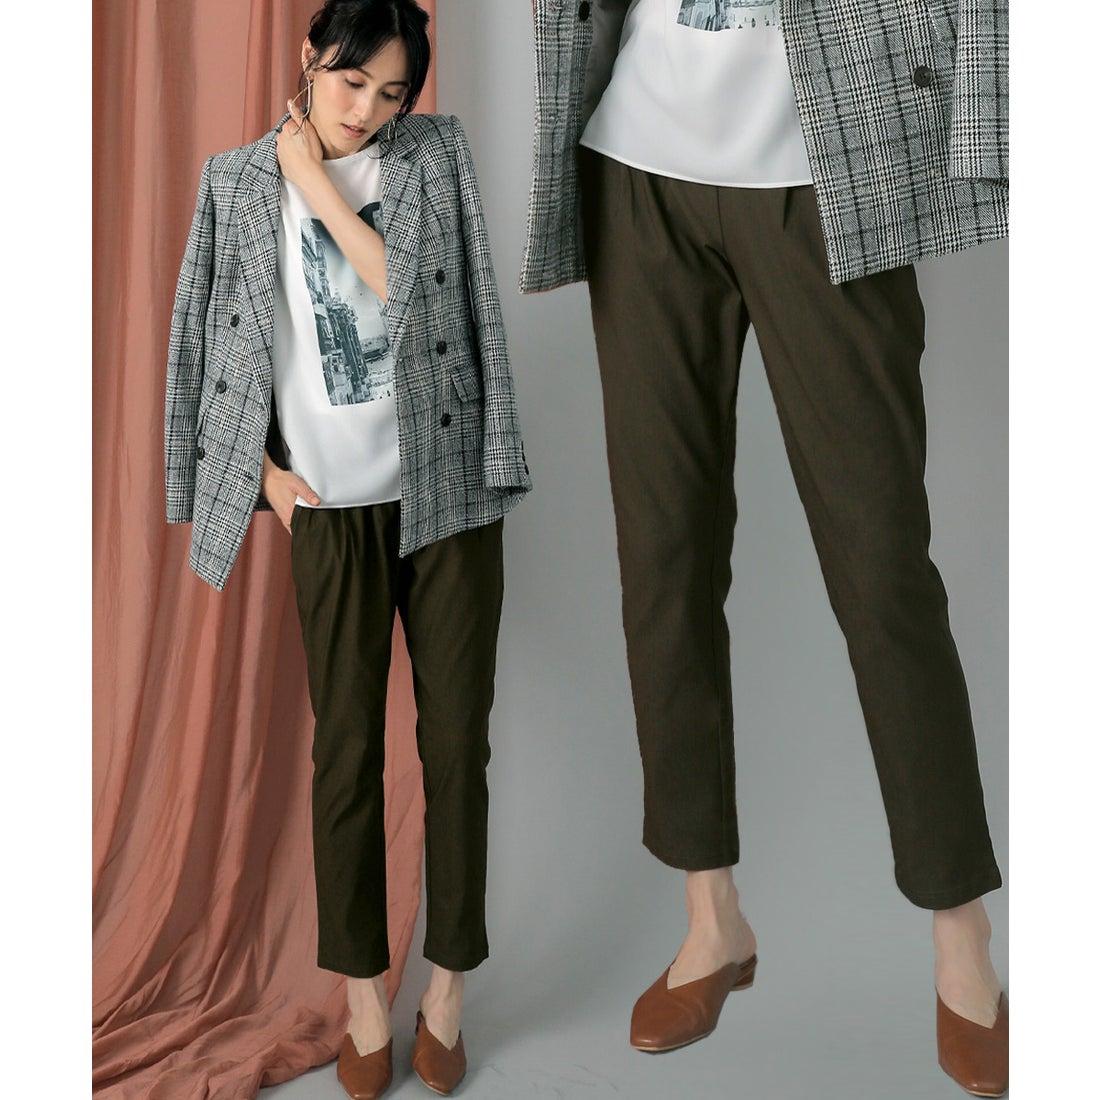 ロコンド 靴とファッションの通販サイトBou Jeloud ◆新デザイン登場◆ハイテンションパンツ(カーキ)【返品不可商品】